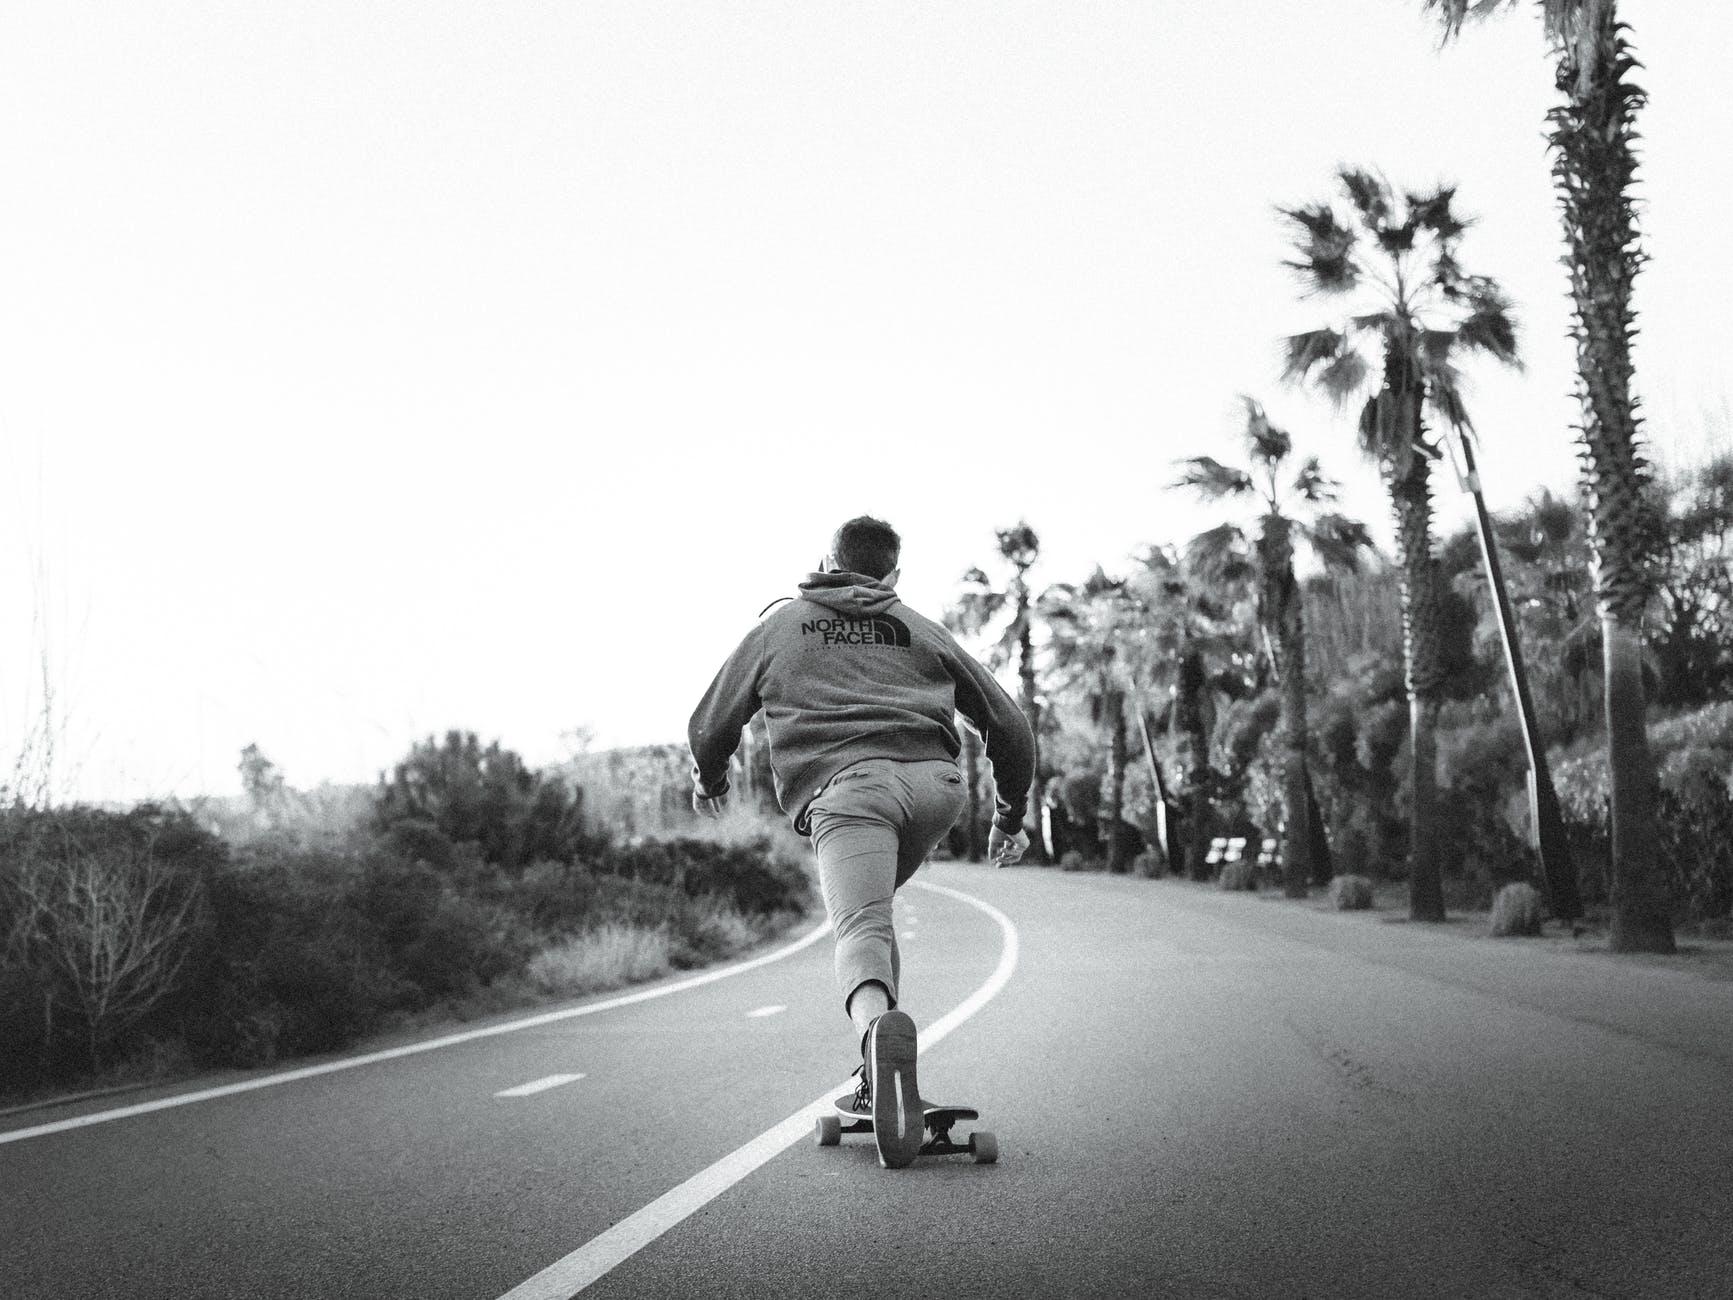 unrecognizable man skateboarding on asphalt road